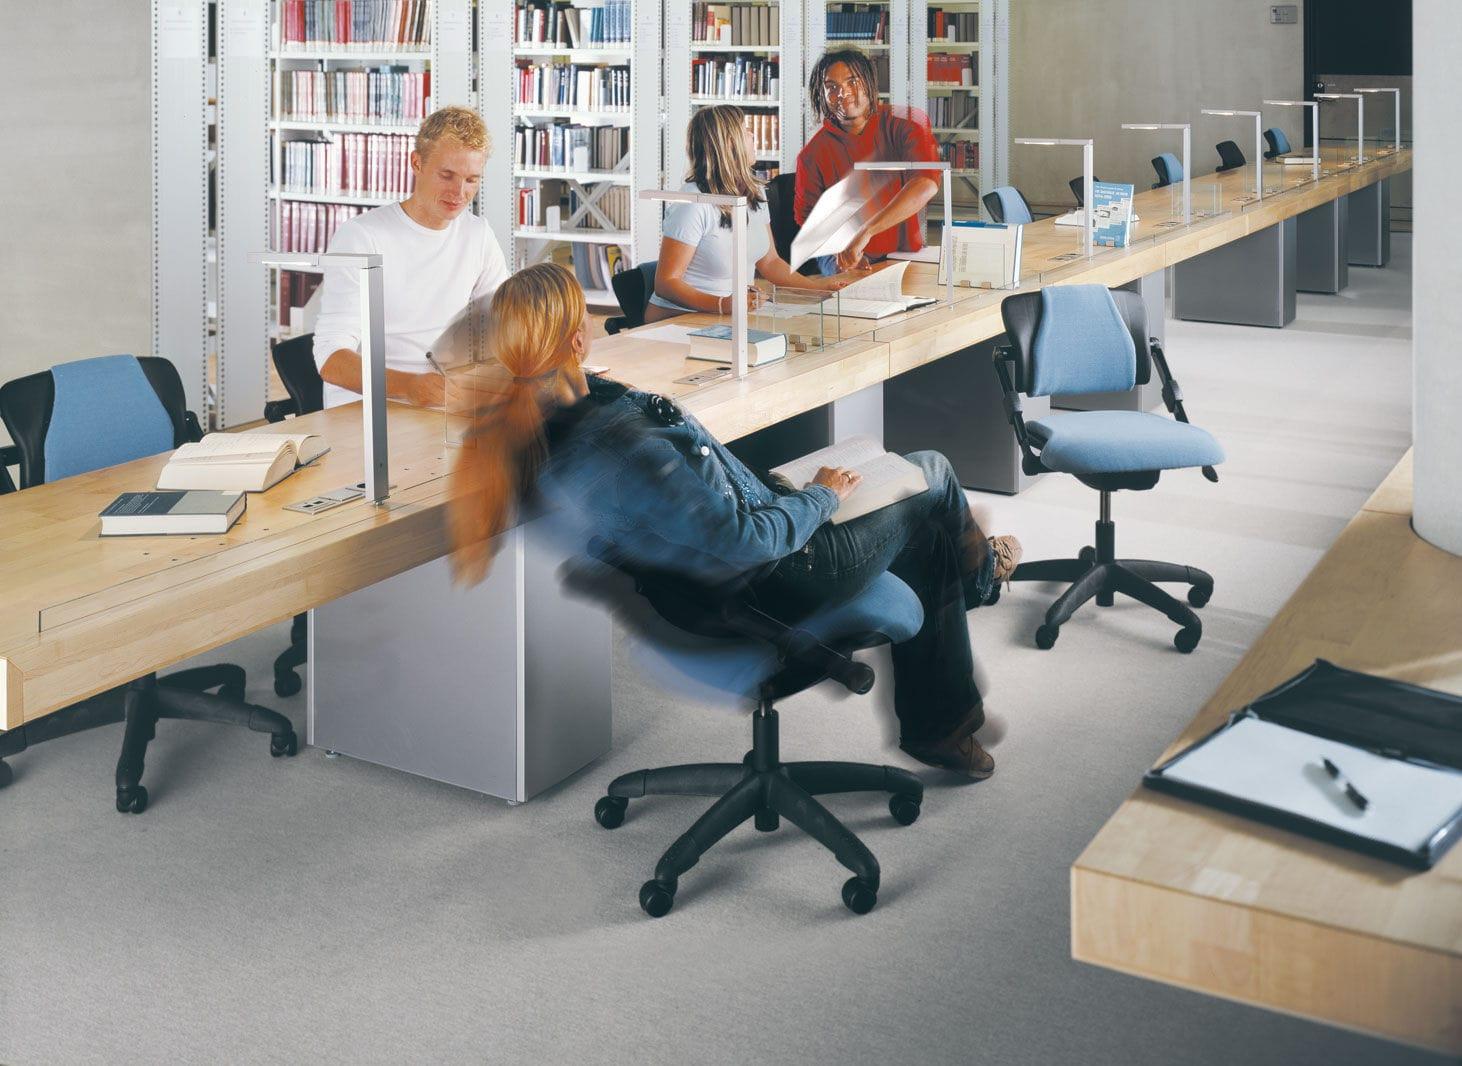 Sedie Per Ufficio Hag : Sedia da ufficio moderna regolabile girevole con rotelle h03